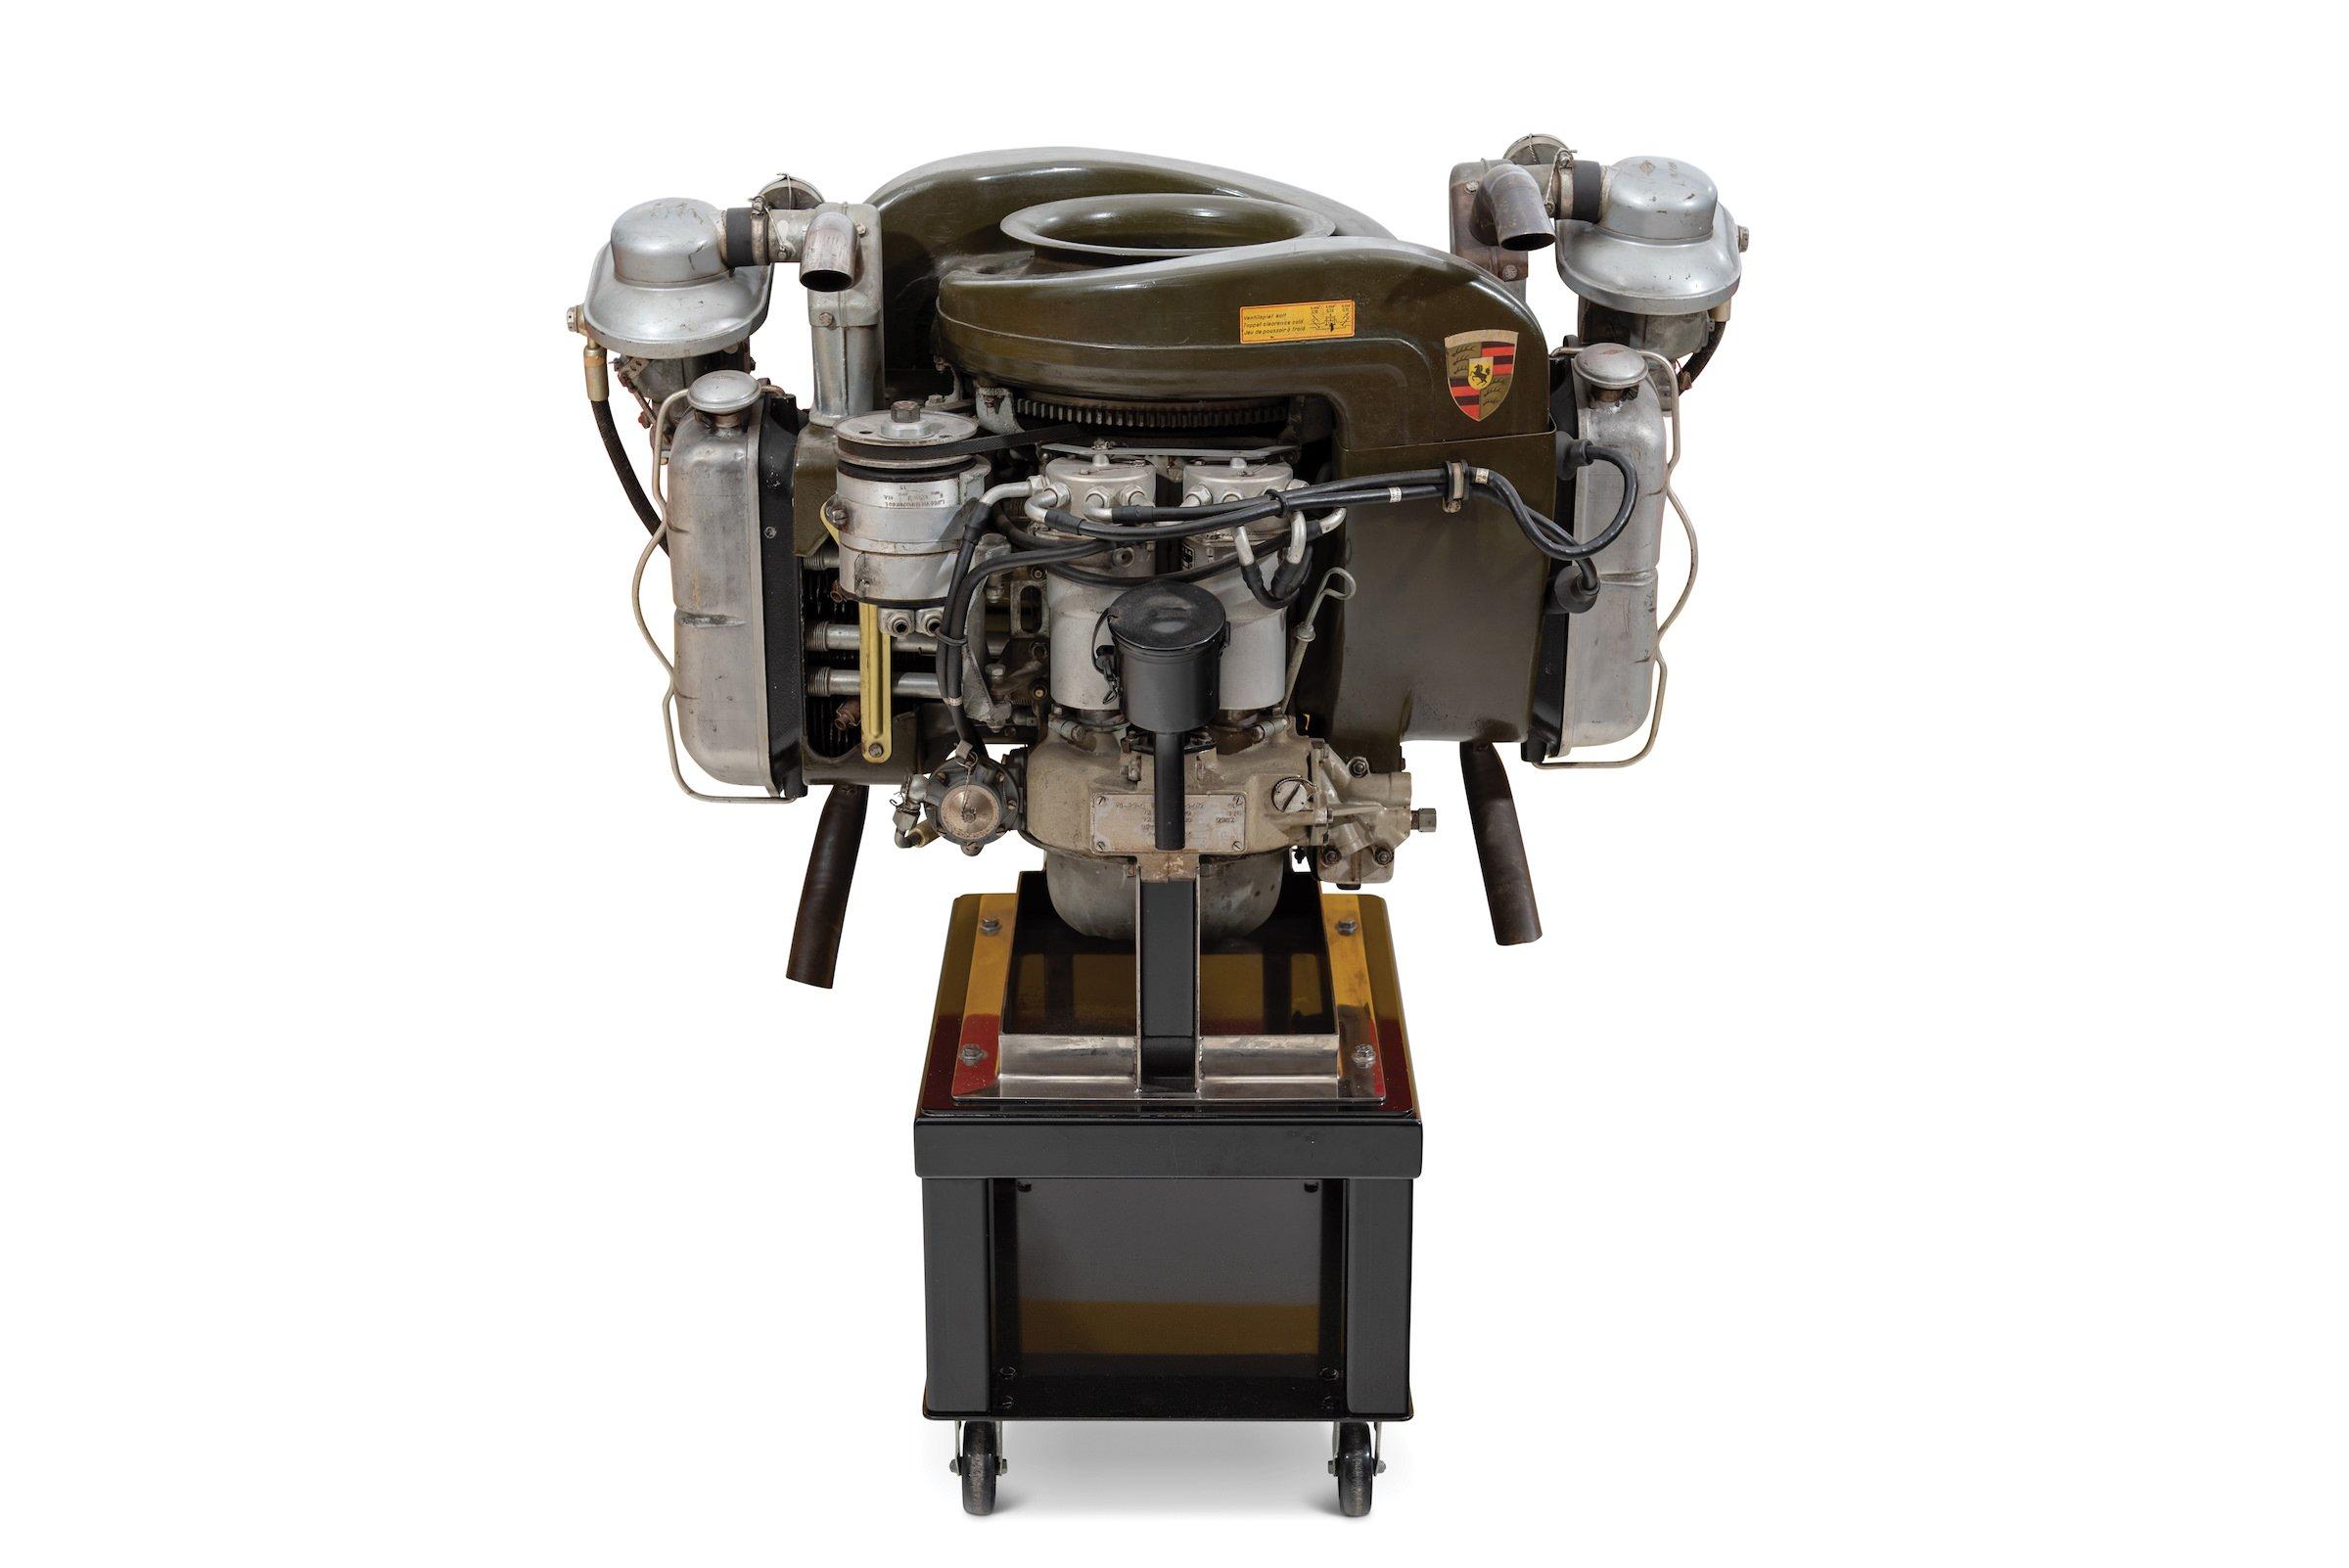 Porsche Helicopter Engine